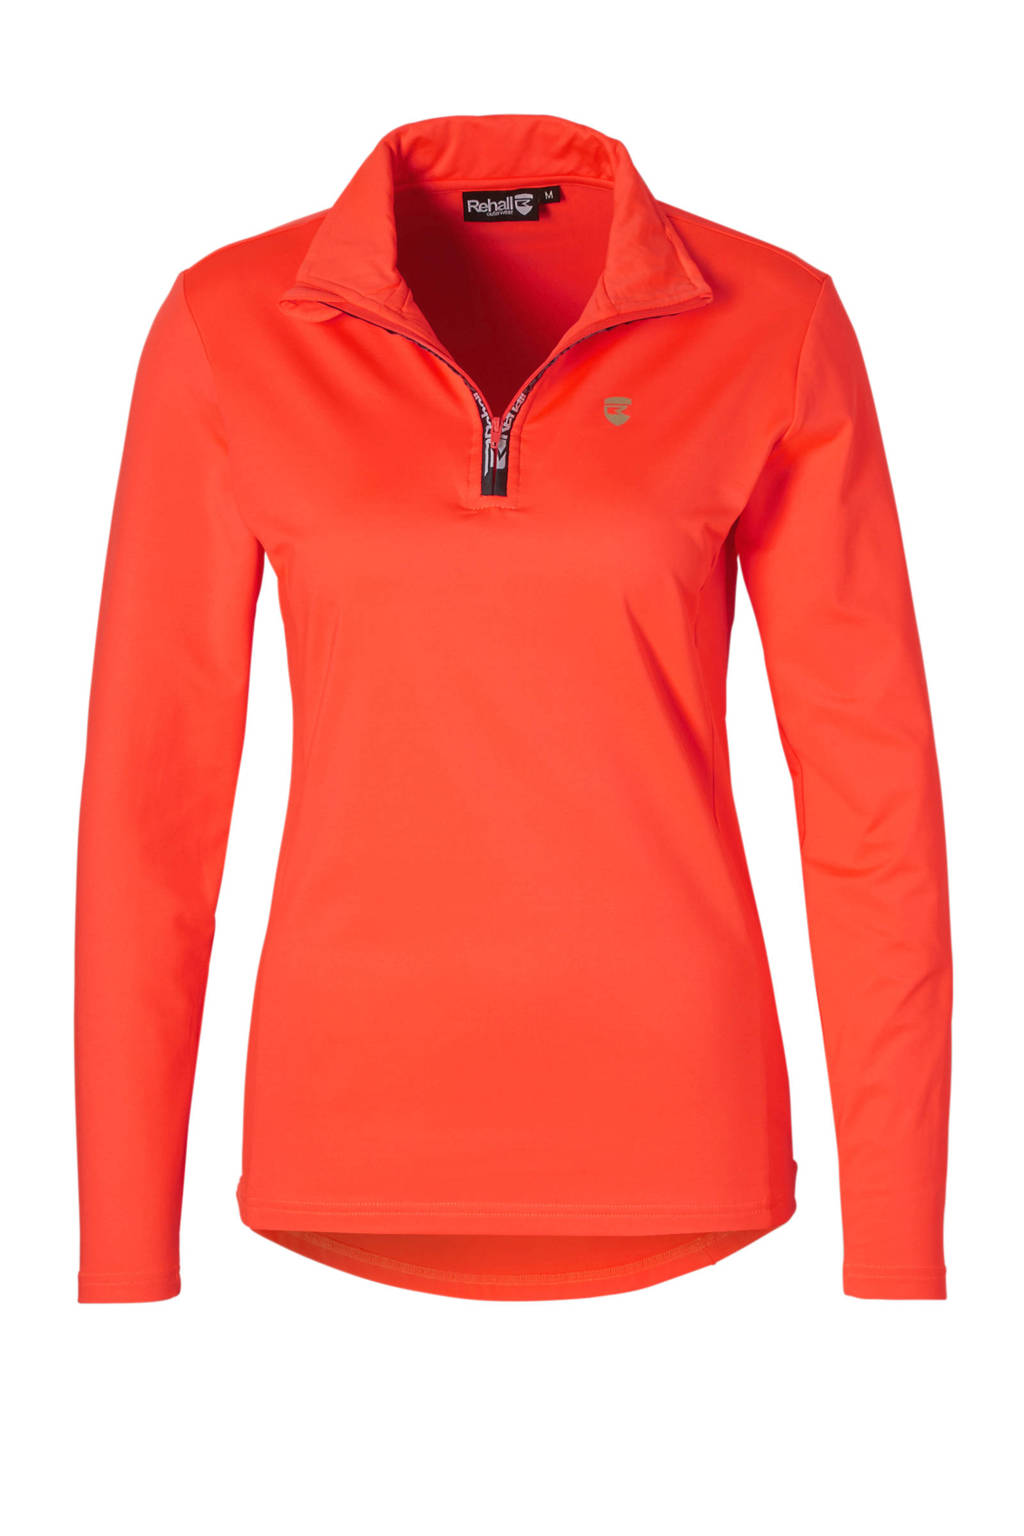 Rehall skisweater Holly-R koraalrood, Koraalrood